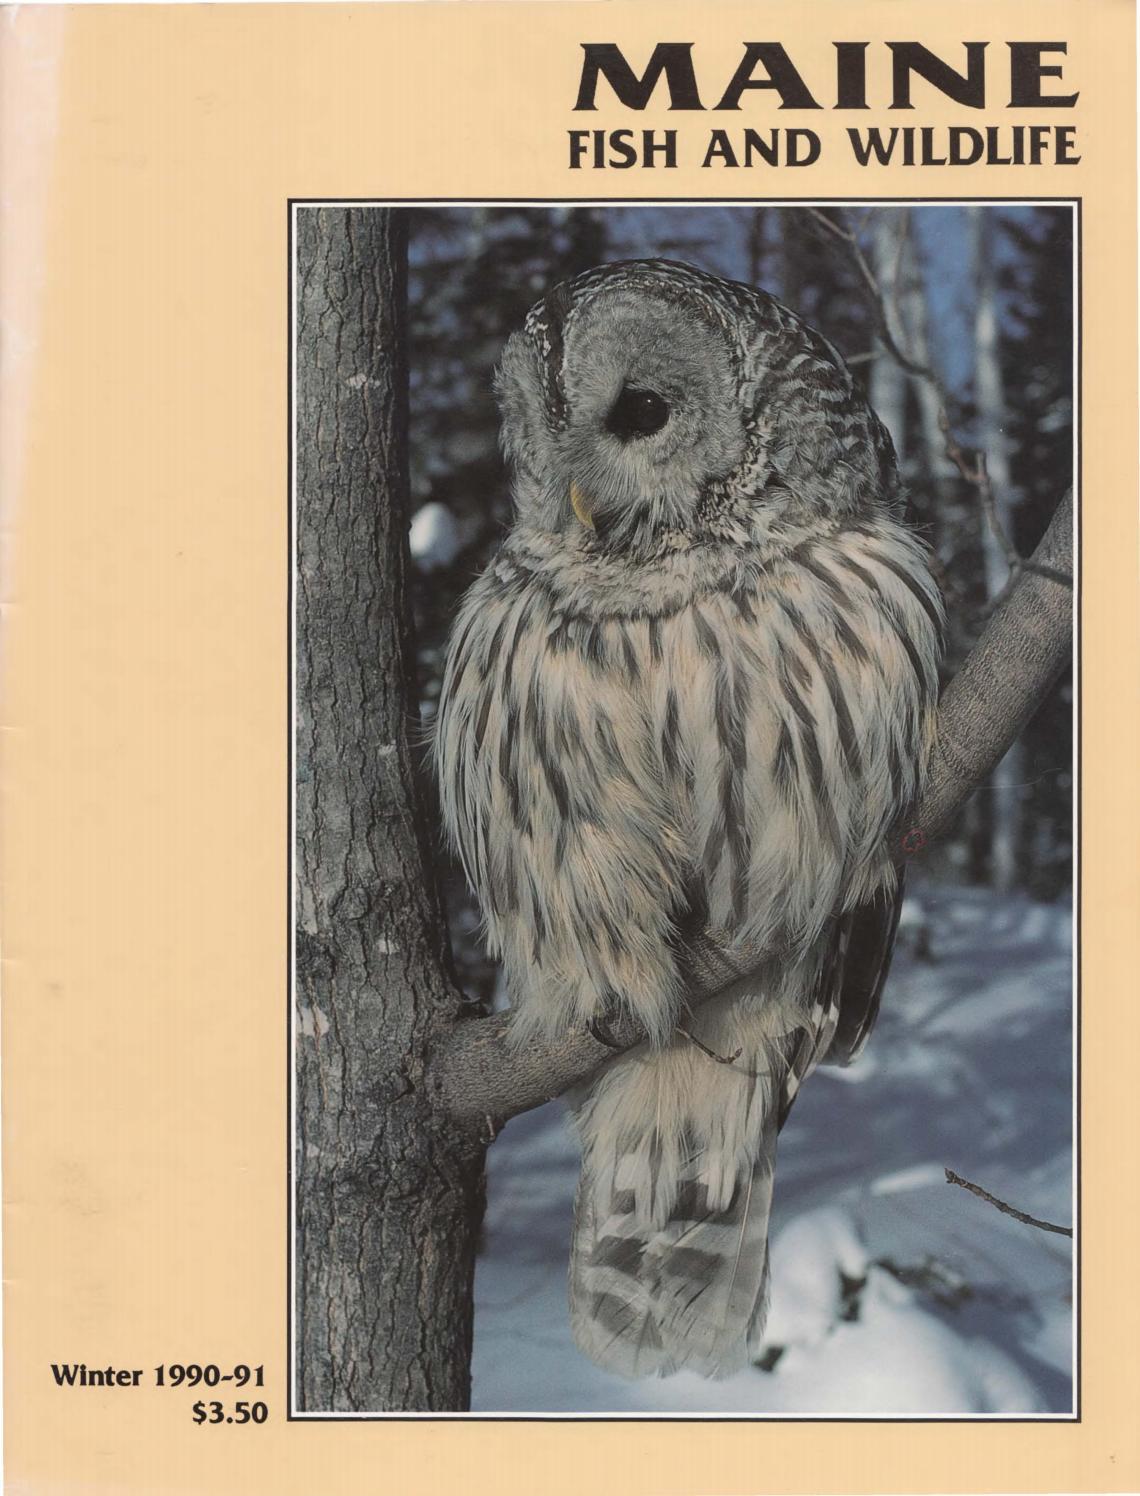 Maine fish and wildlife magazine winter 1990 91 by maine for Maine fish wildlife